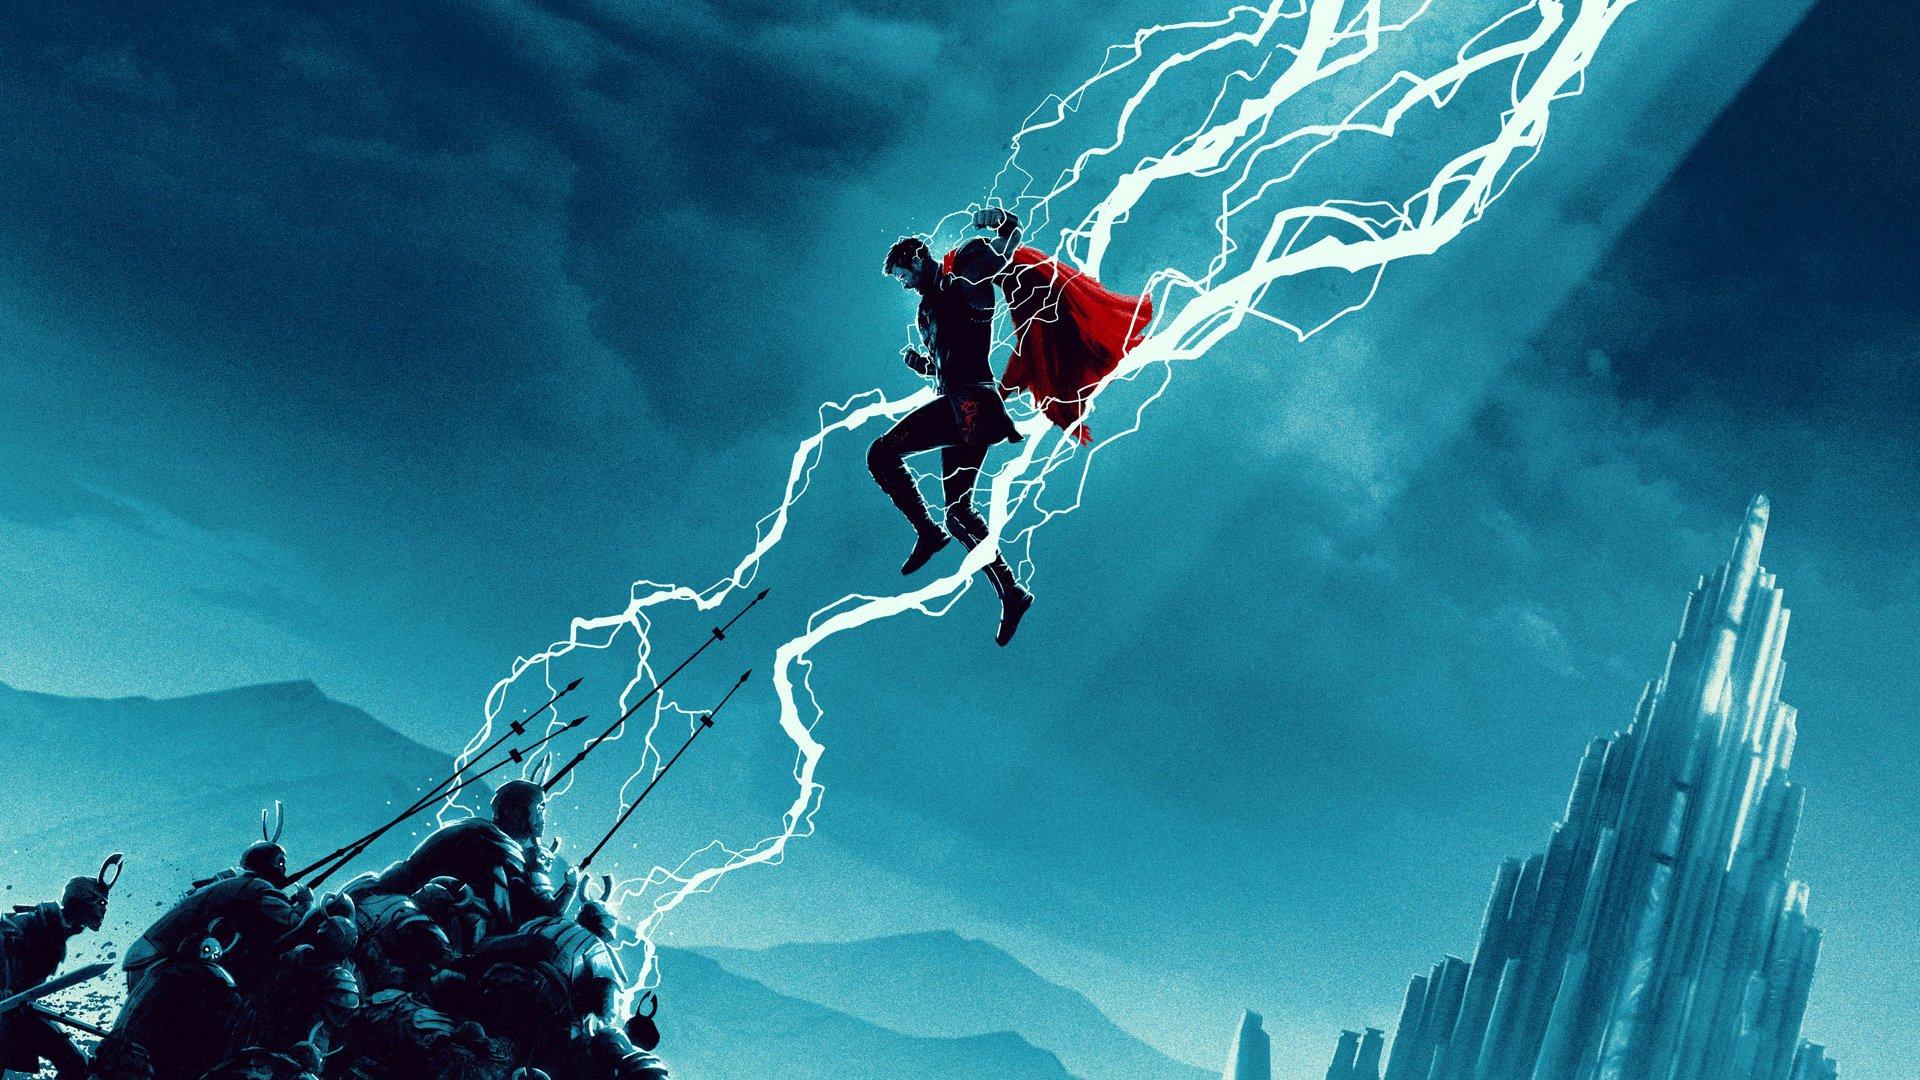 Lightning Thor Wallpaper 4k - HD Wallpaper